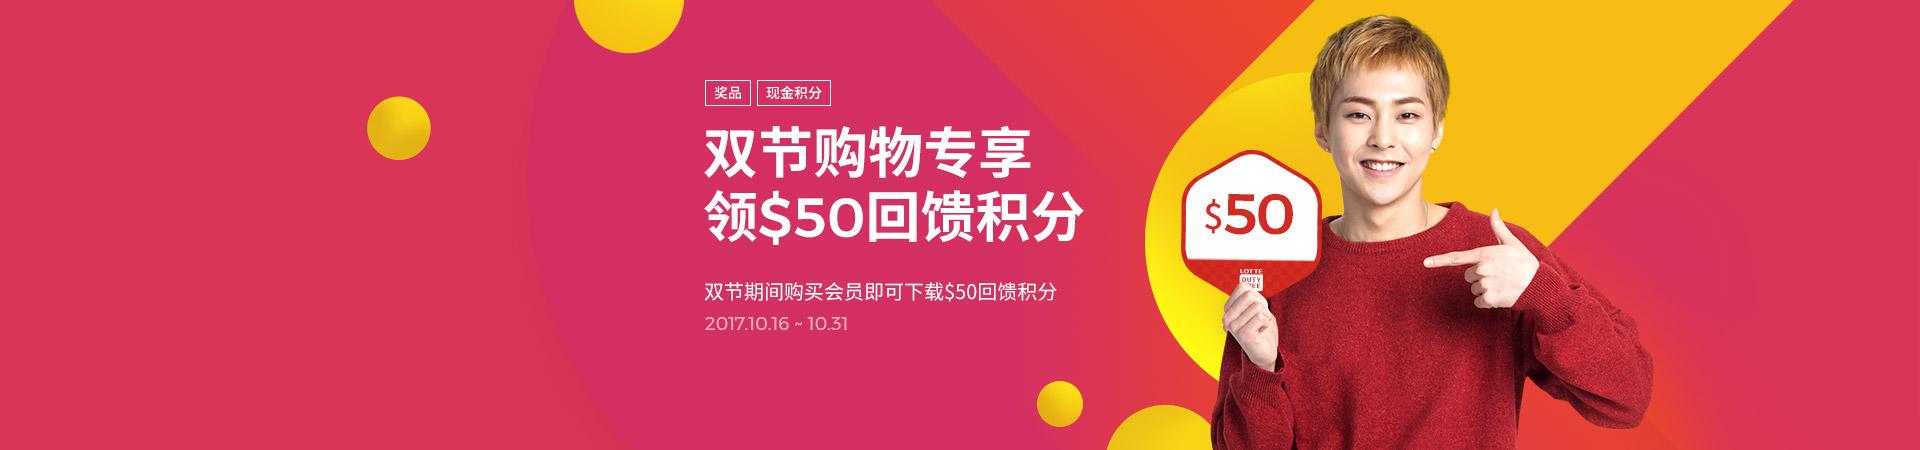 双节双惠 赢IphoneX